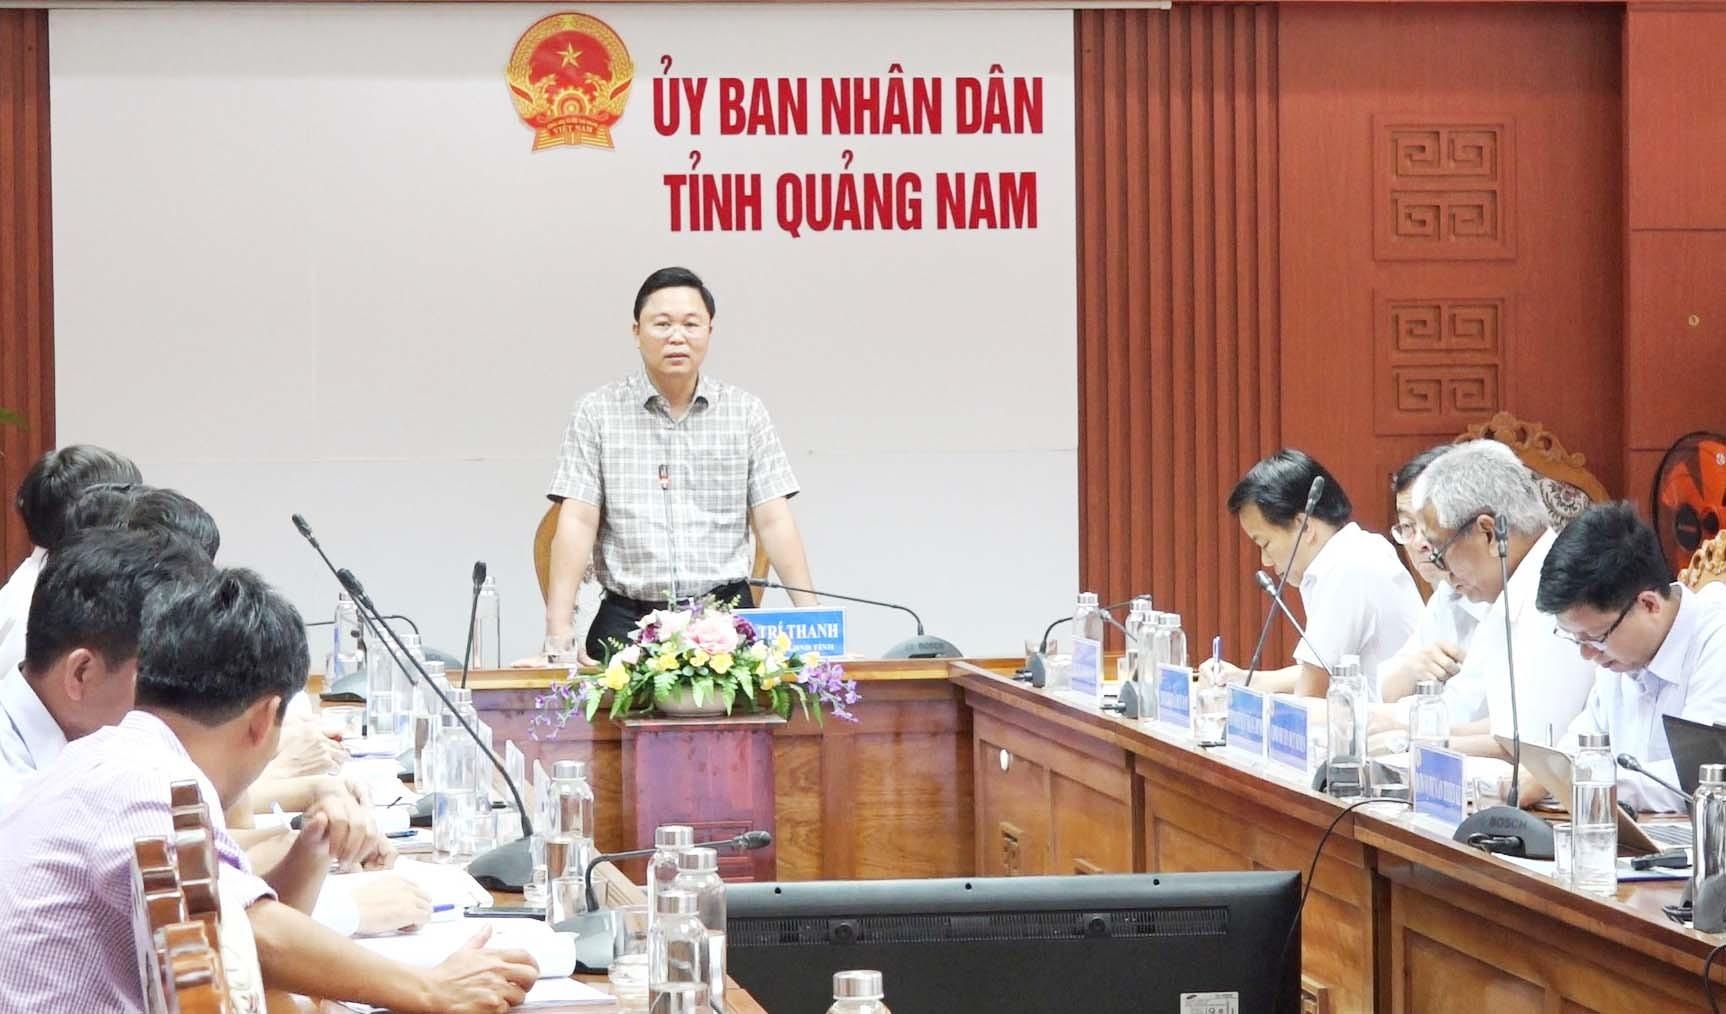 Chủ tịch UBND tỉnh Lê Trí Thanh yêu cầu các sở, ban ngành cần tính toán nhiều phương án để dự án đạt hiệu quả cao.Ảnh: P.V